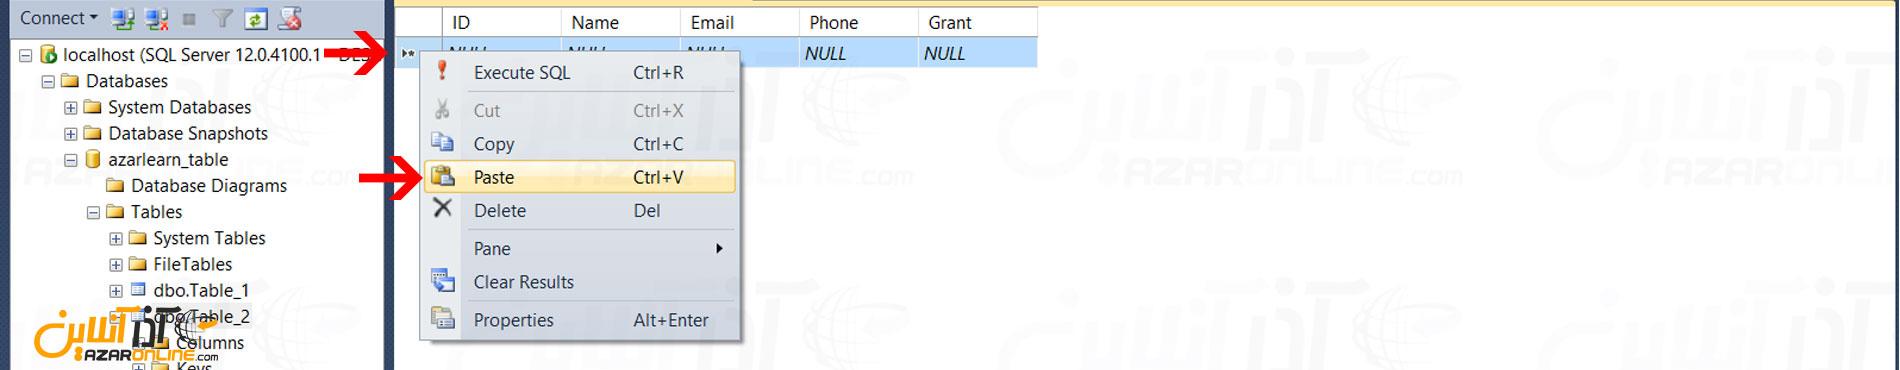 Paste کردن اطلاعات از اکسل در SQL